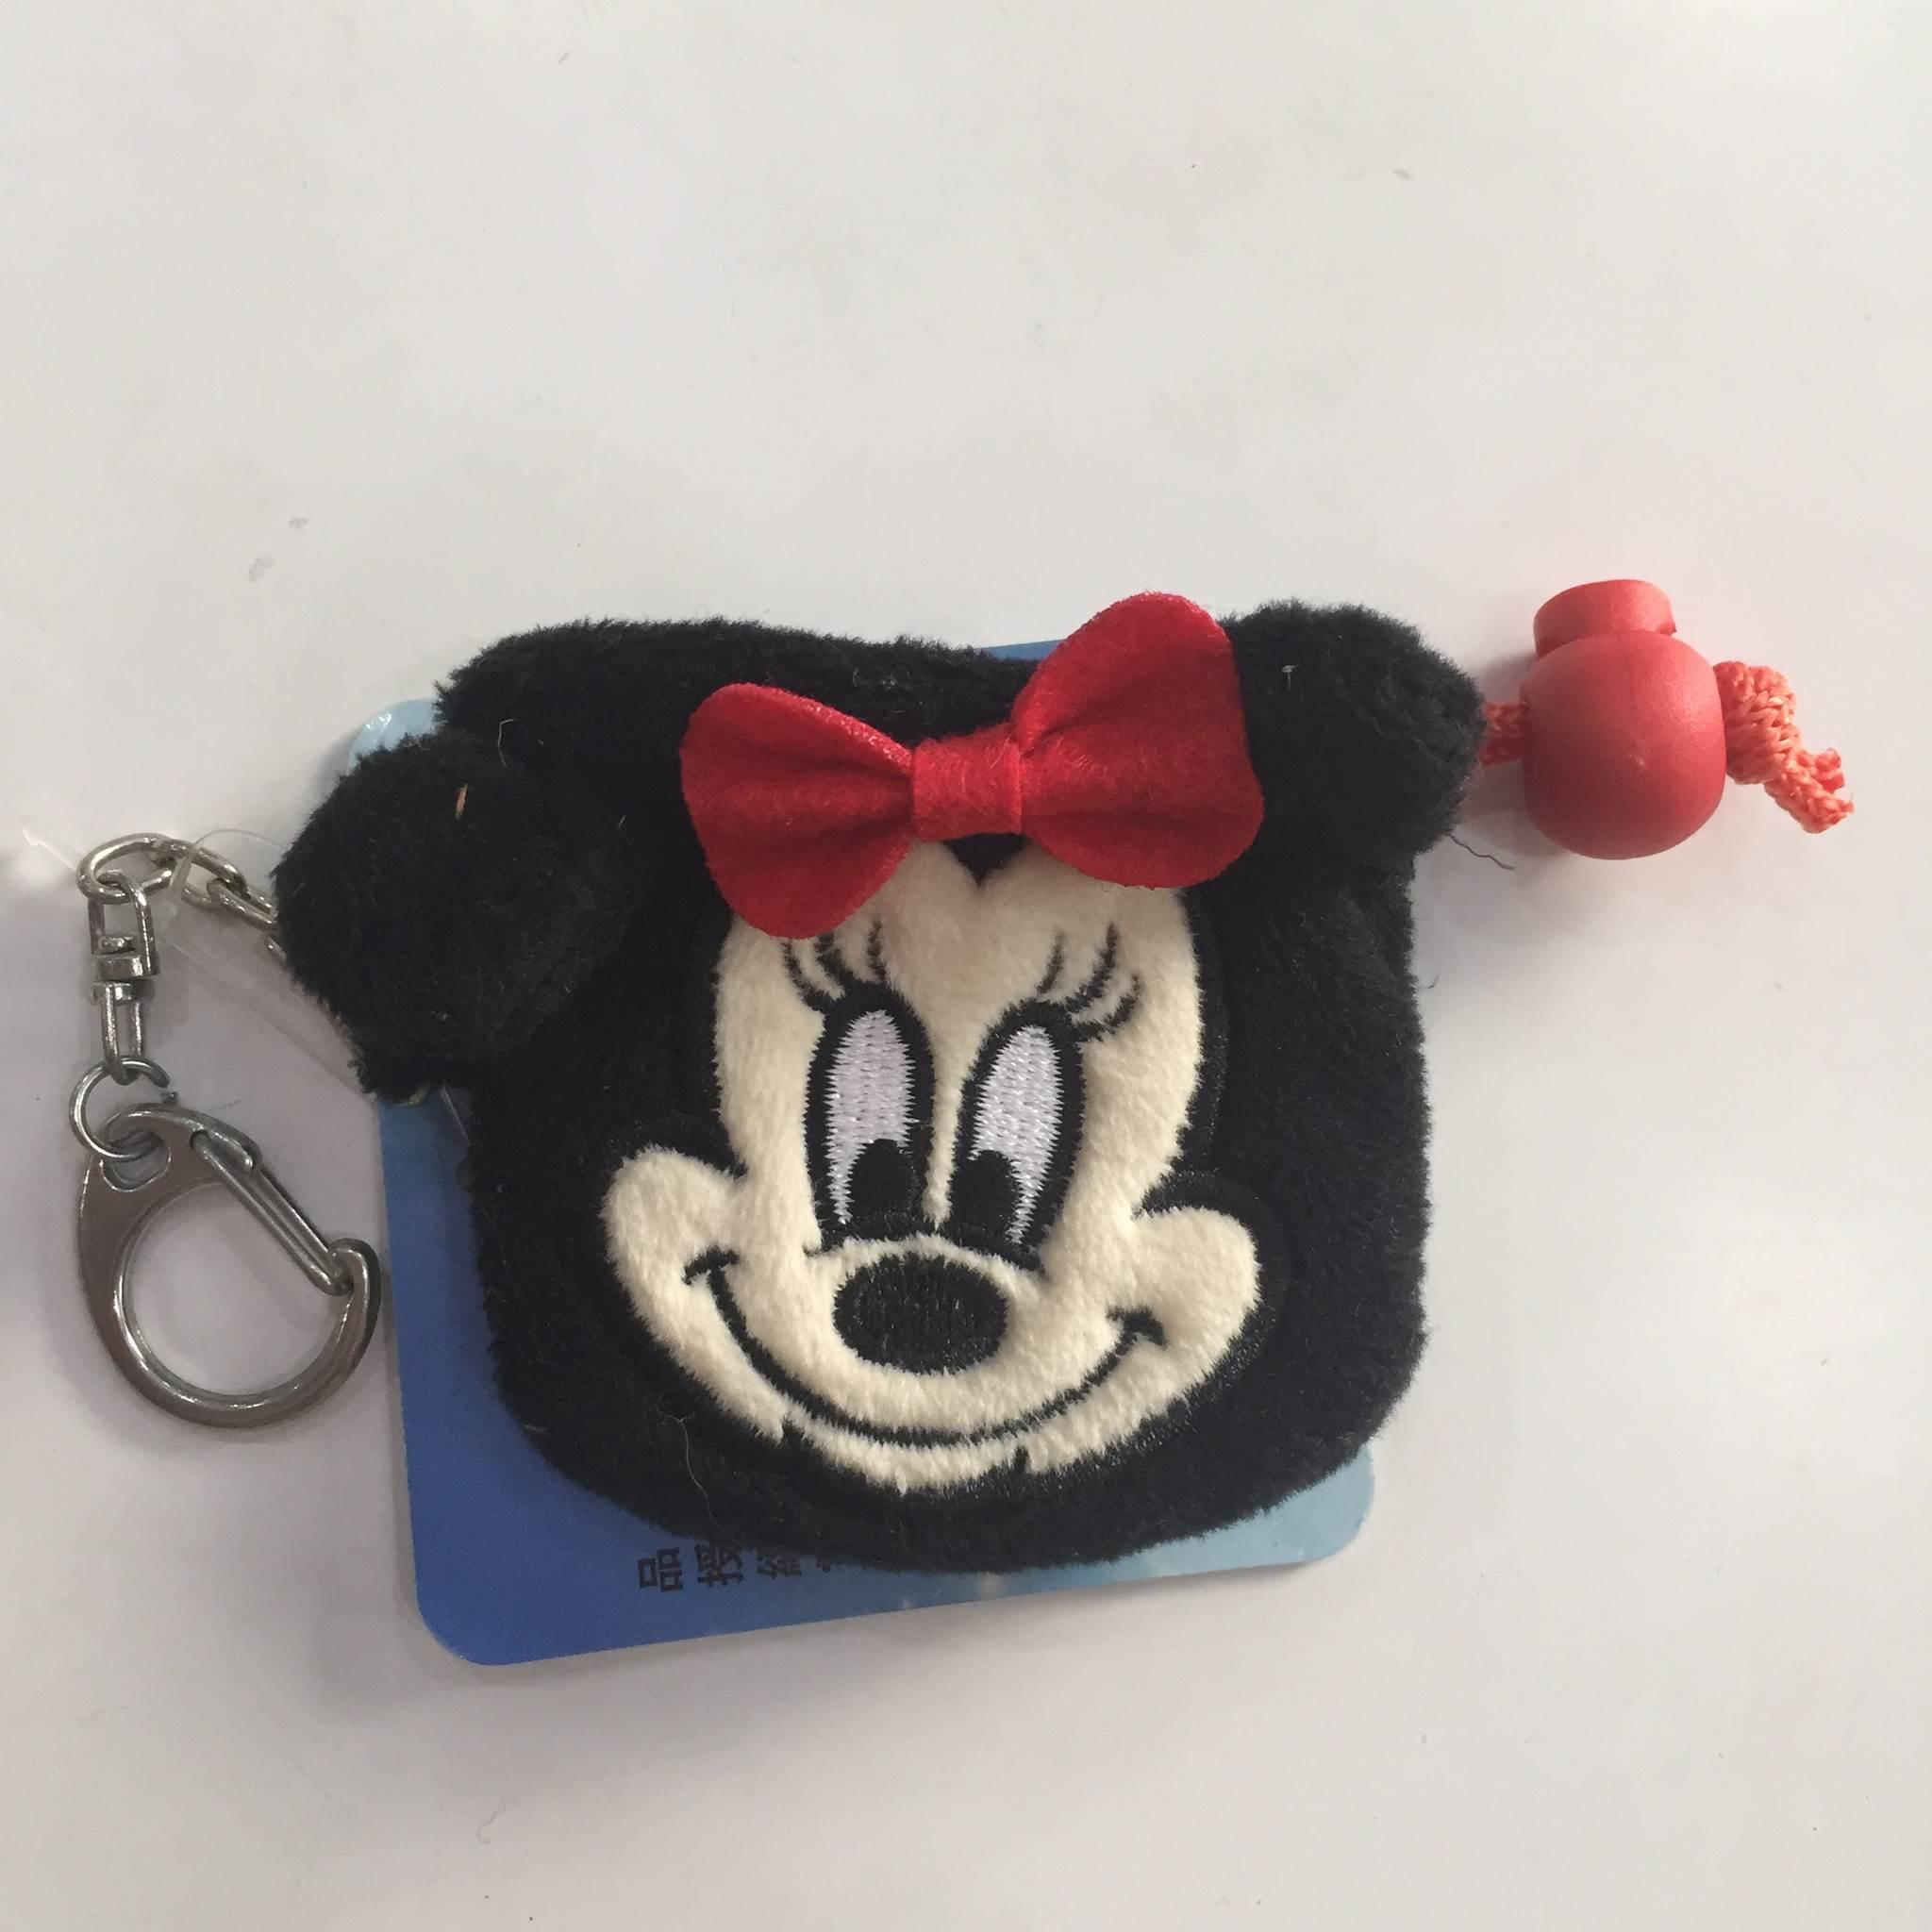 【米妮】迪士尼 Disney 可愛 束口袋 零錢包 收納袋 鑰匙圈 聖誕禮物